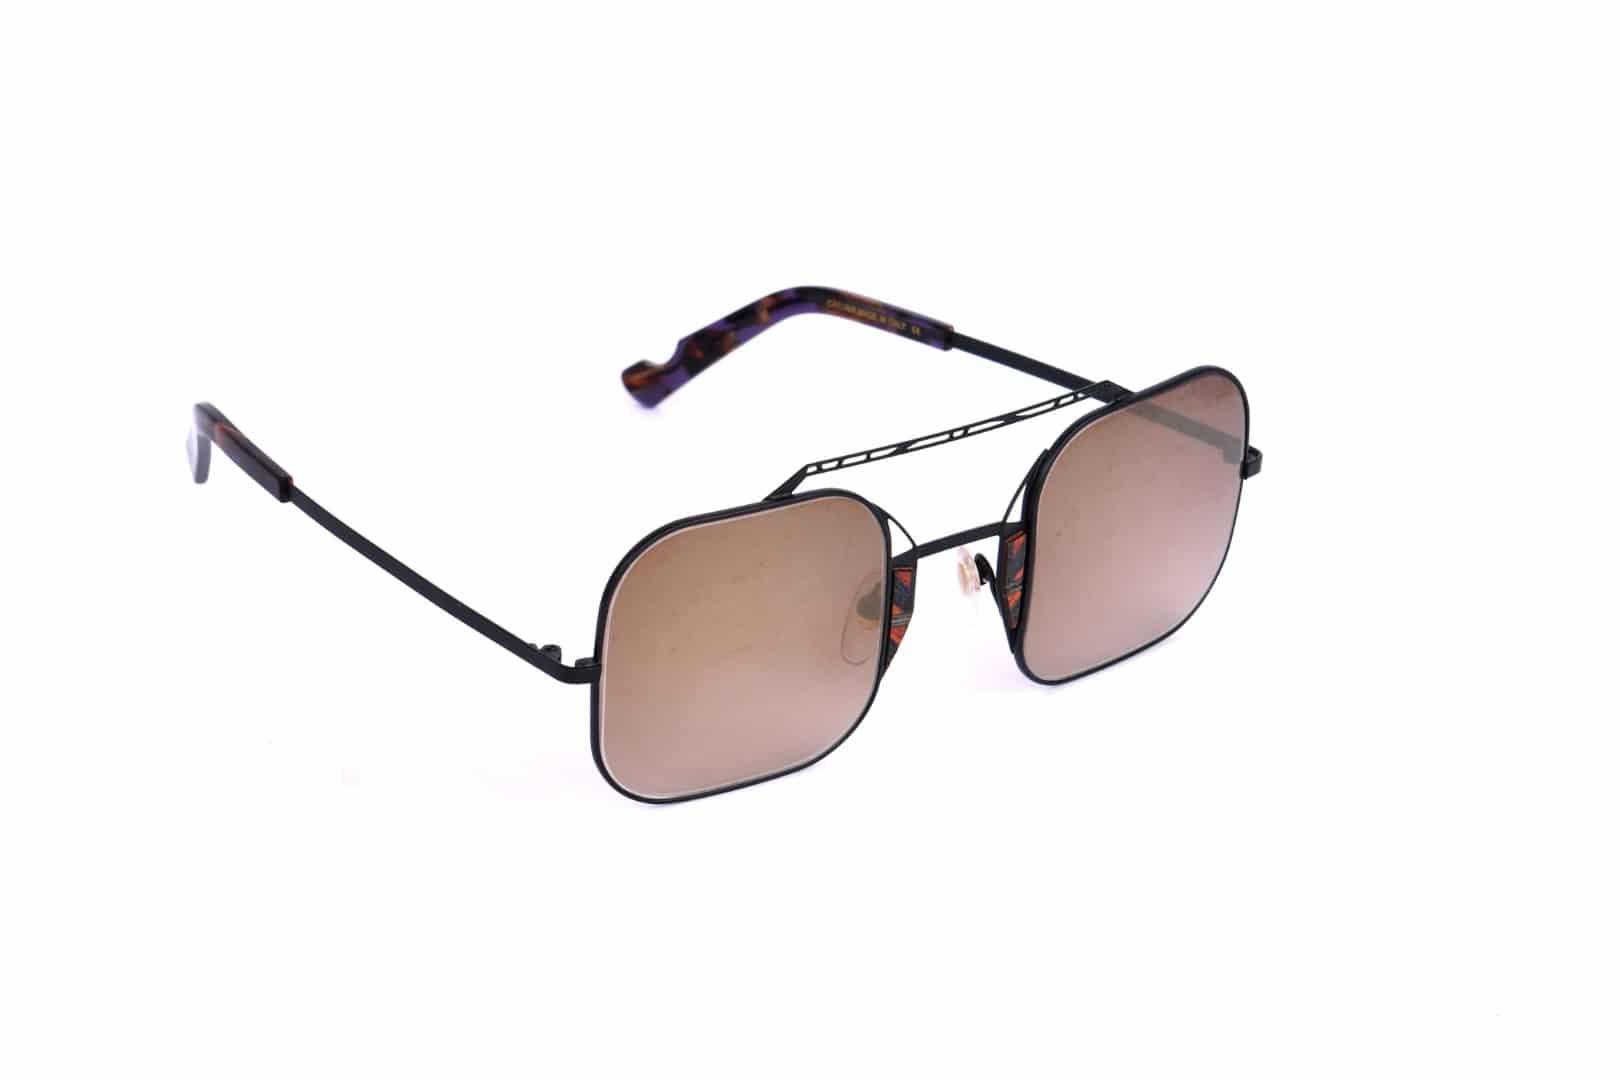 משקפי שמש כהות - אופטיקה יפעת, בדיקת אופטומטריסט בנתניה